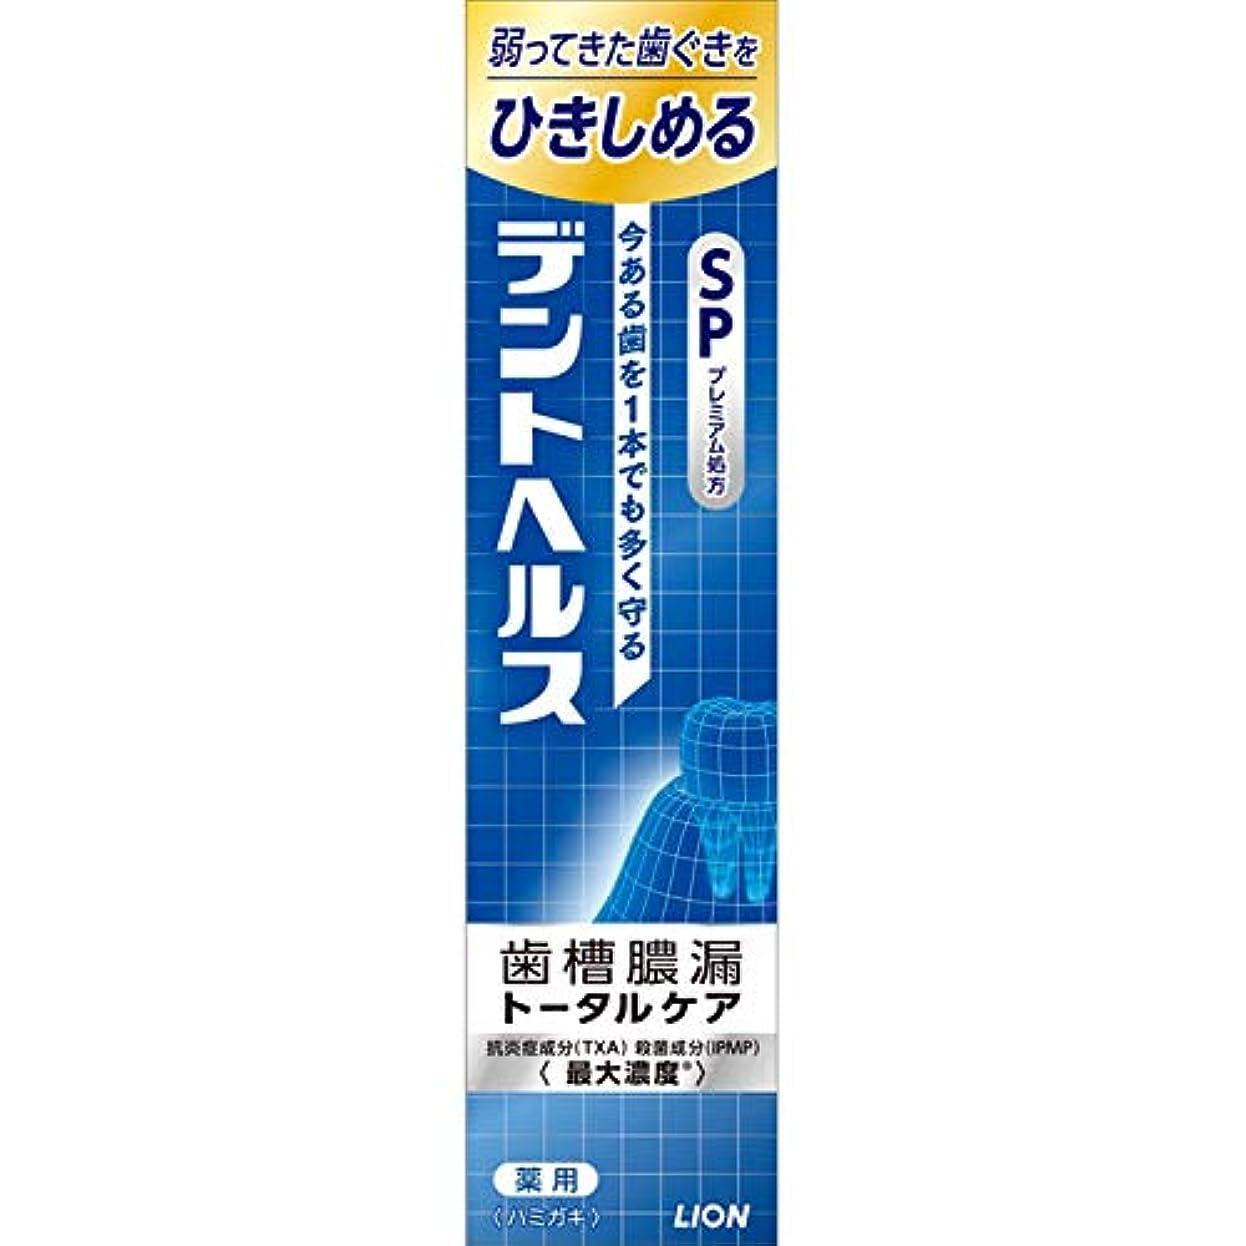 調和テントバスケットボールライオン デントヘルス 薬用ハミガキ SP 120g (医薬部外品)